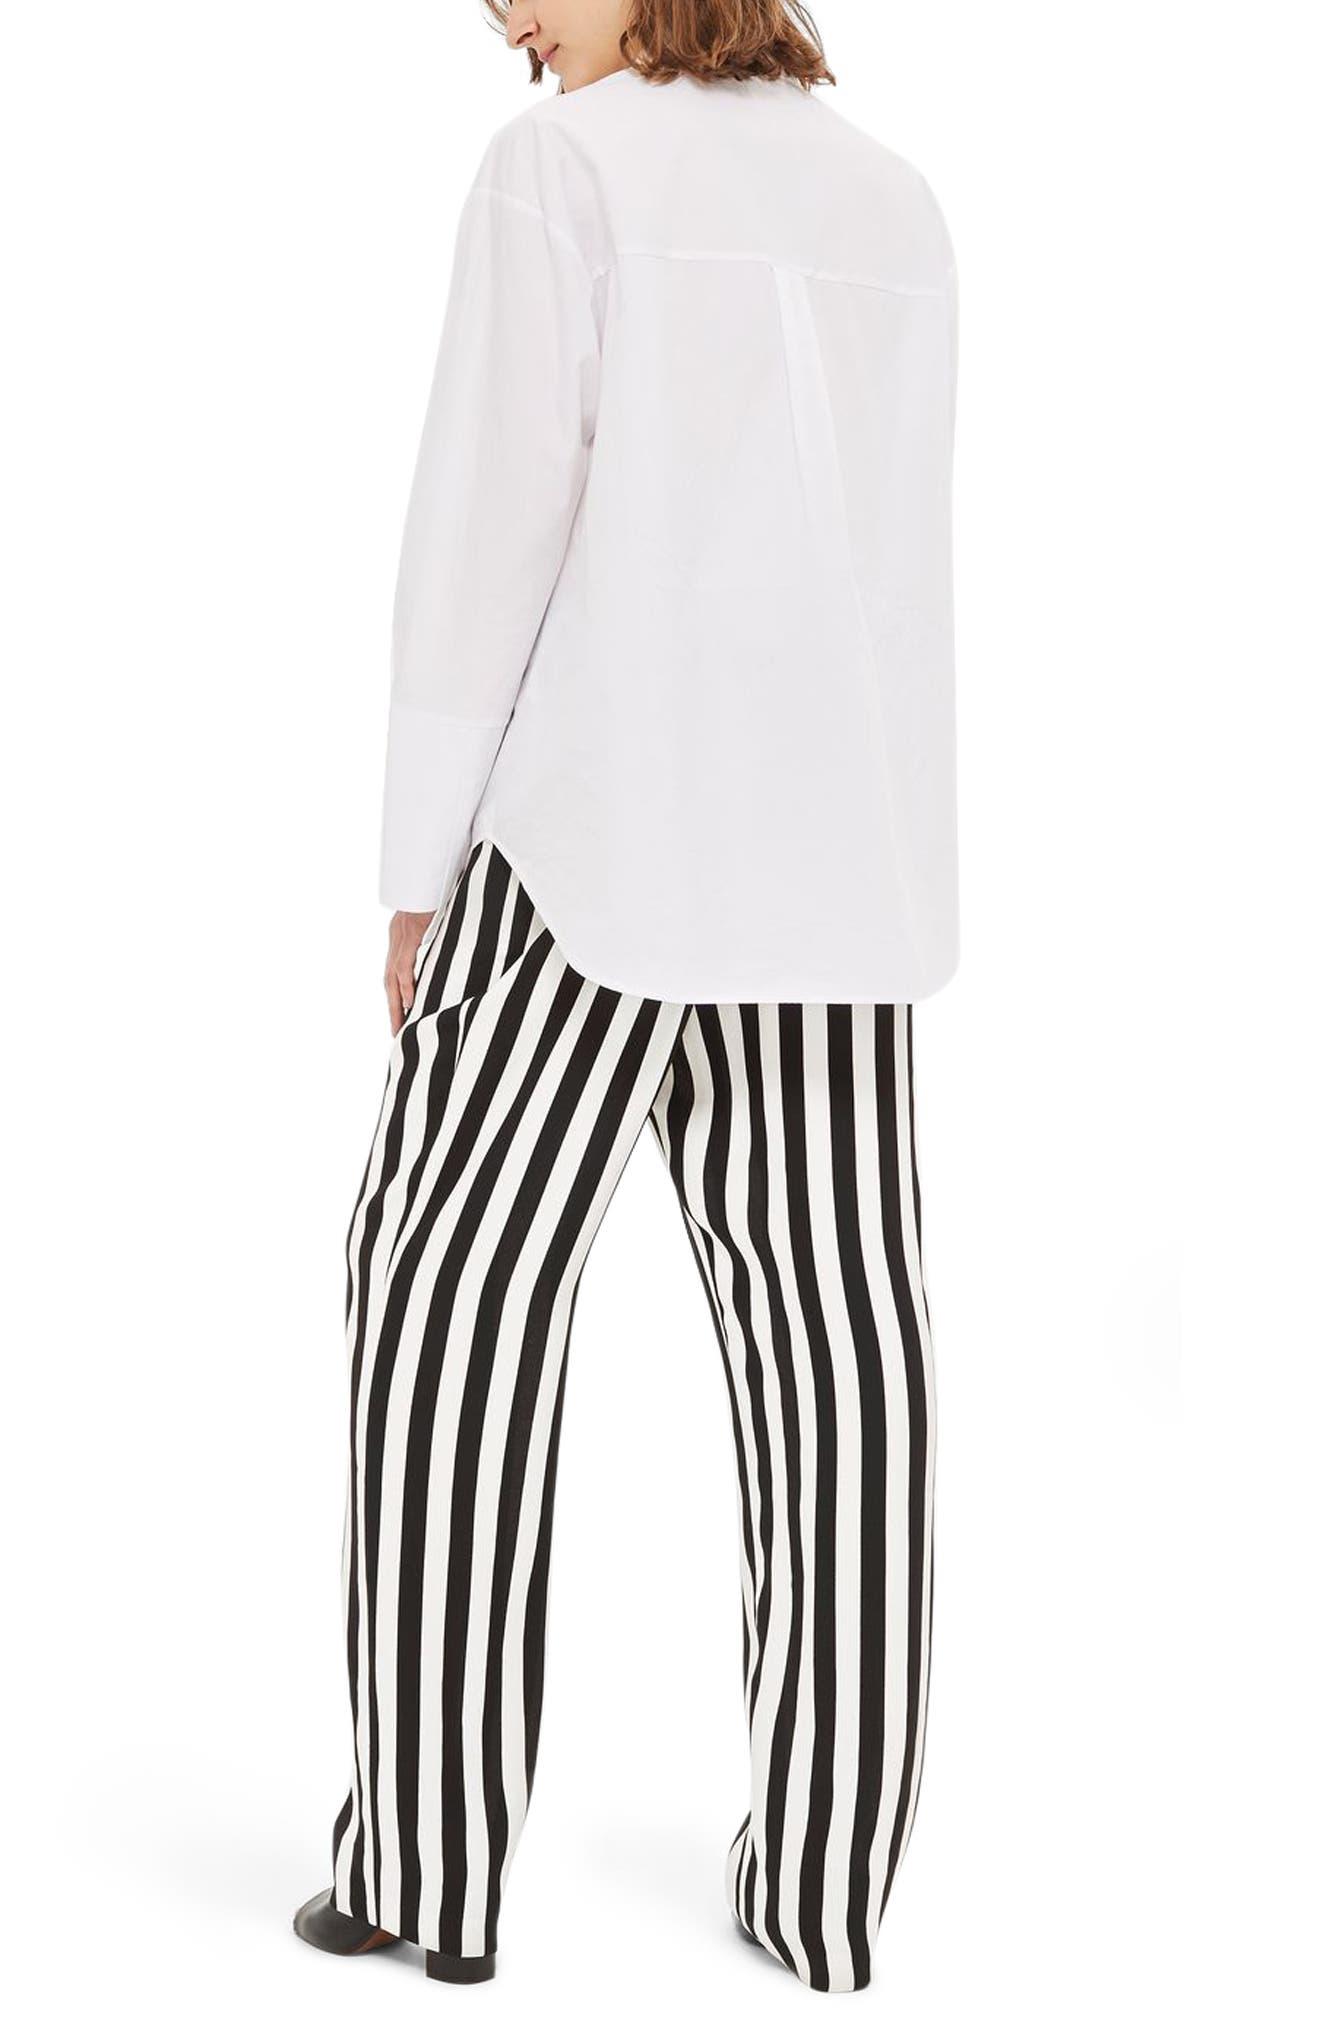 Humbug Stripe Trousers,                             Alternate thumbnail 2, color,                             001